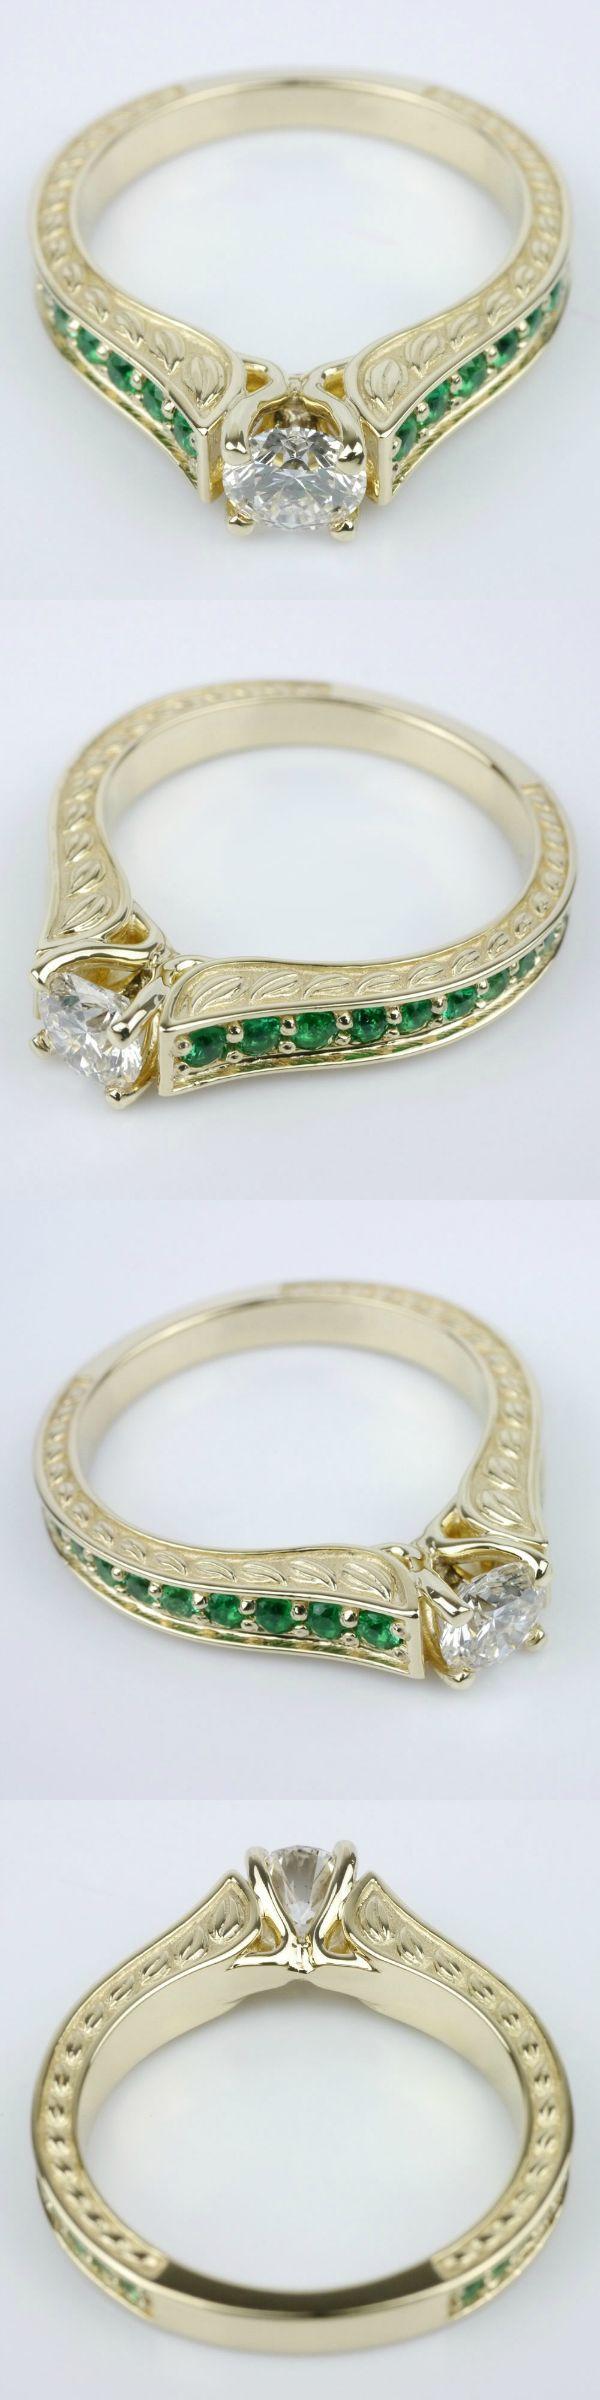 Charm Bracelet - Amolite- Emerald Bracelet by VIDA VIDA LWuYnIpBYE